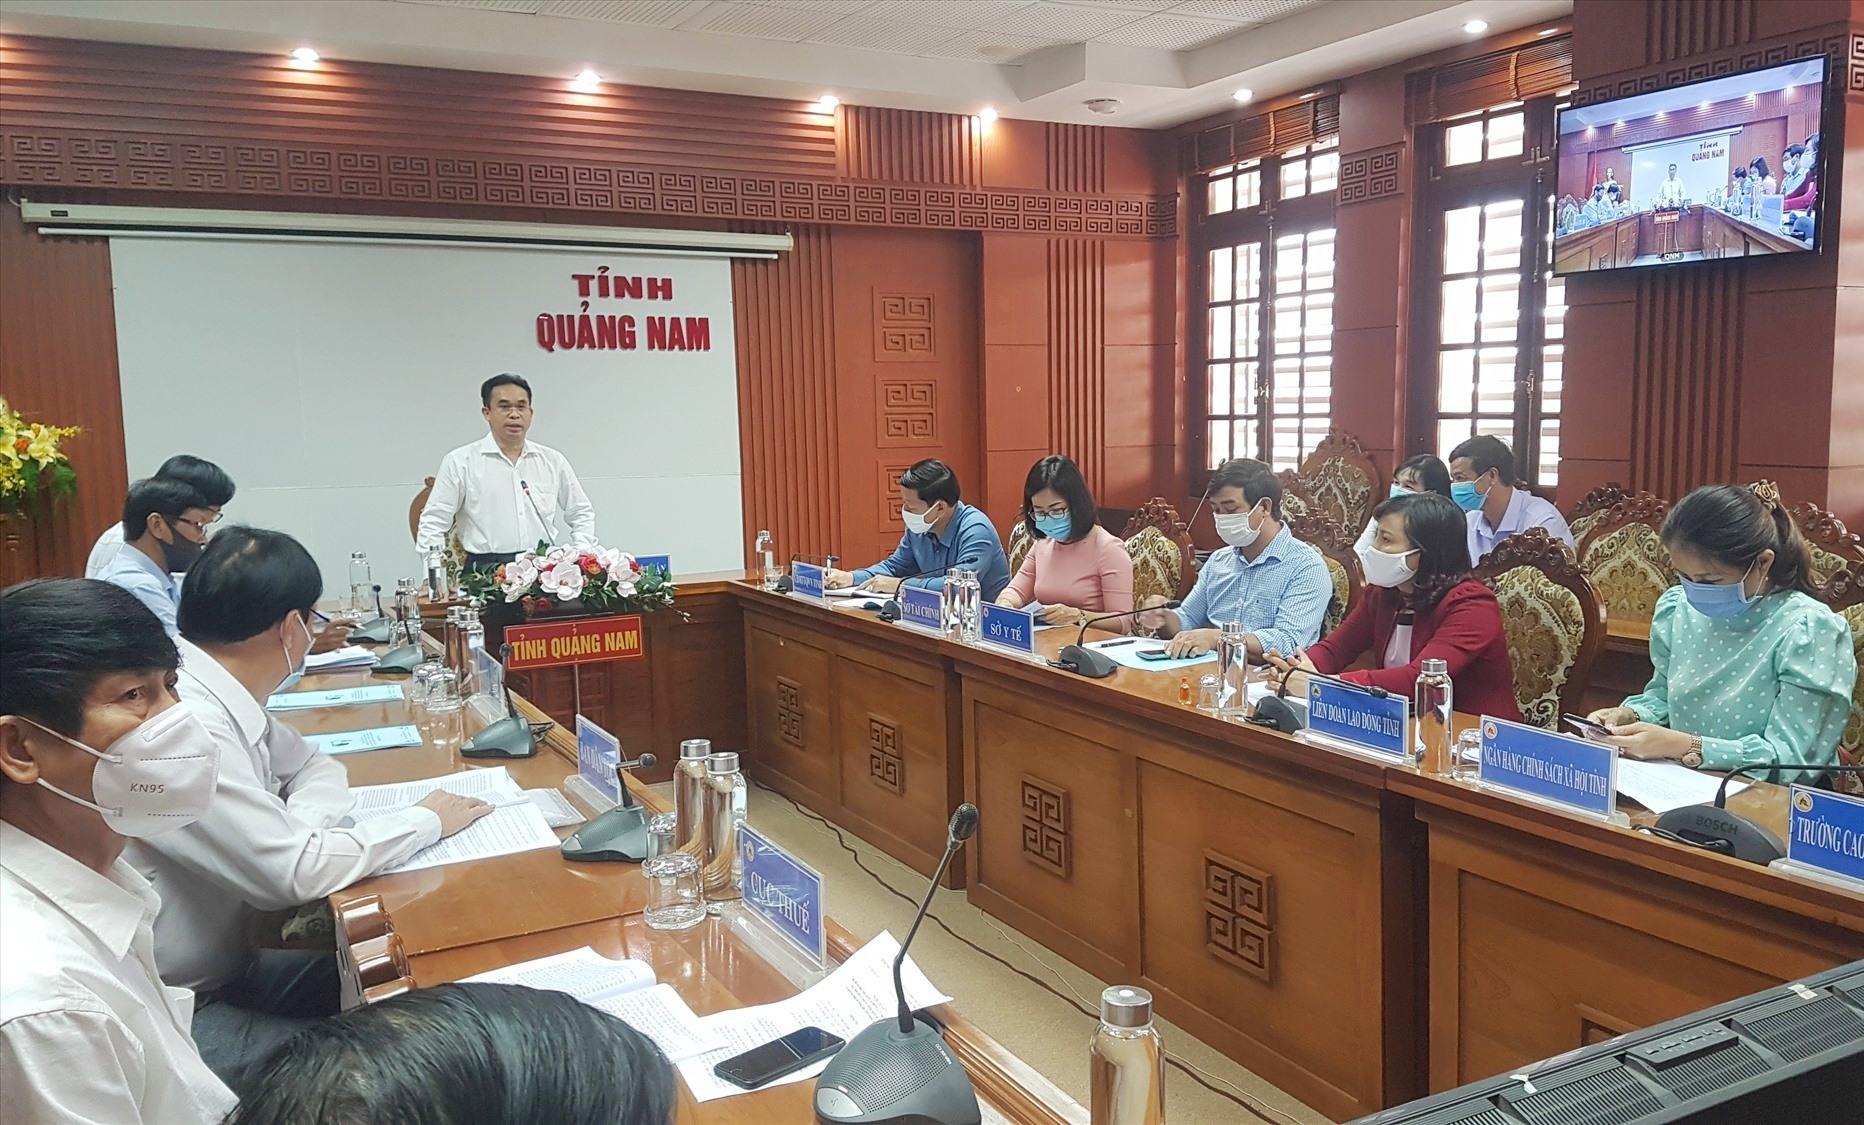 Cuộc họp trực tuyến sáng nay do Phó Chủ tịch UBND tỉnh Trần Anh Tuấn chủ trì. Ảnh: D.L